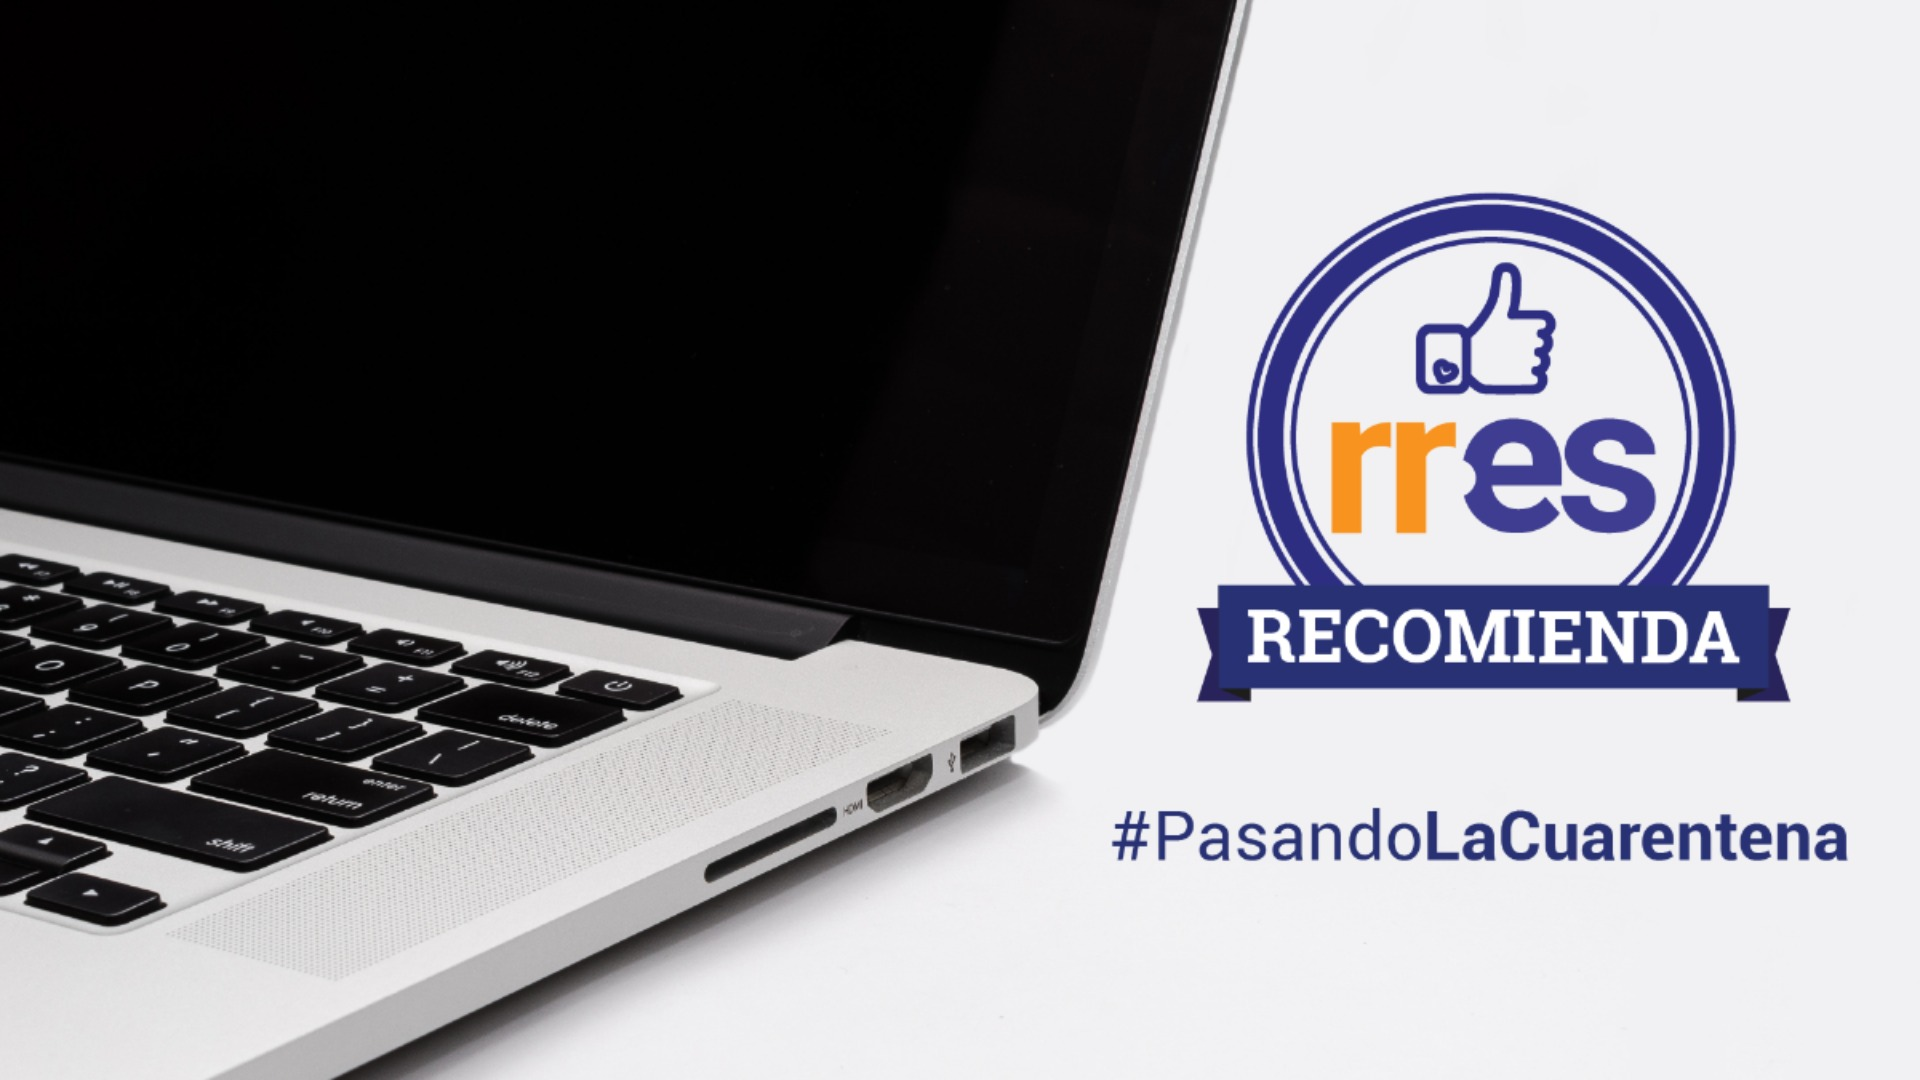 #PasandoLaCuarentena | 10 prácticas divertidas para estimular el aprendizaje #3Abr